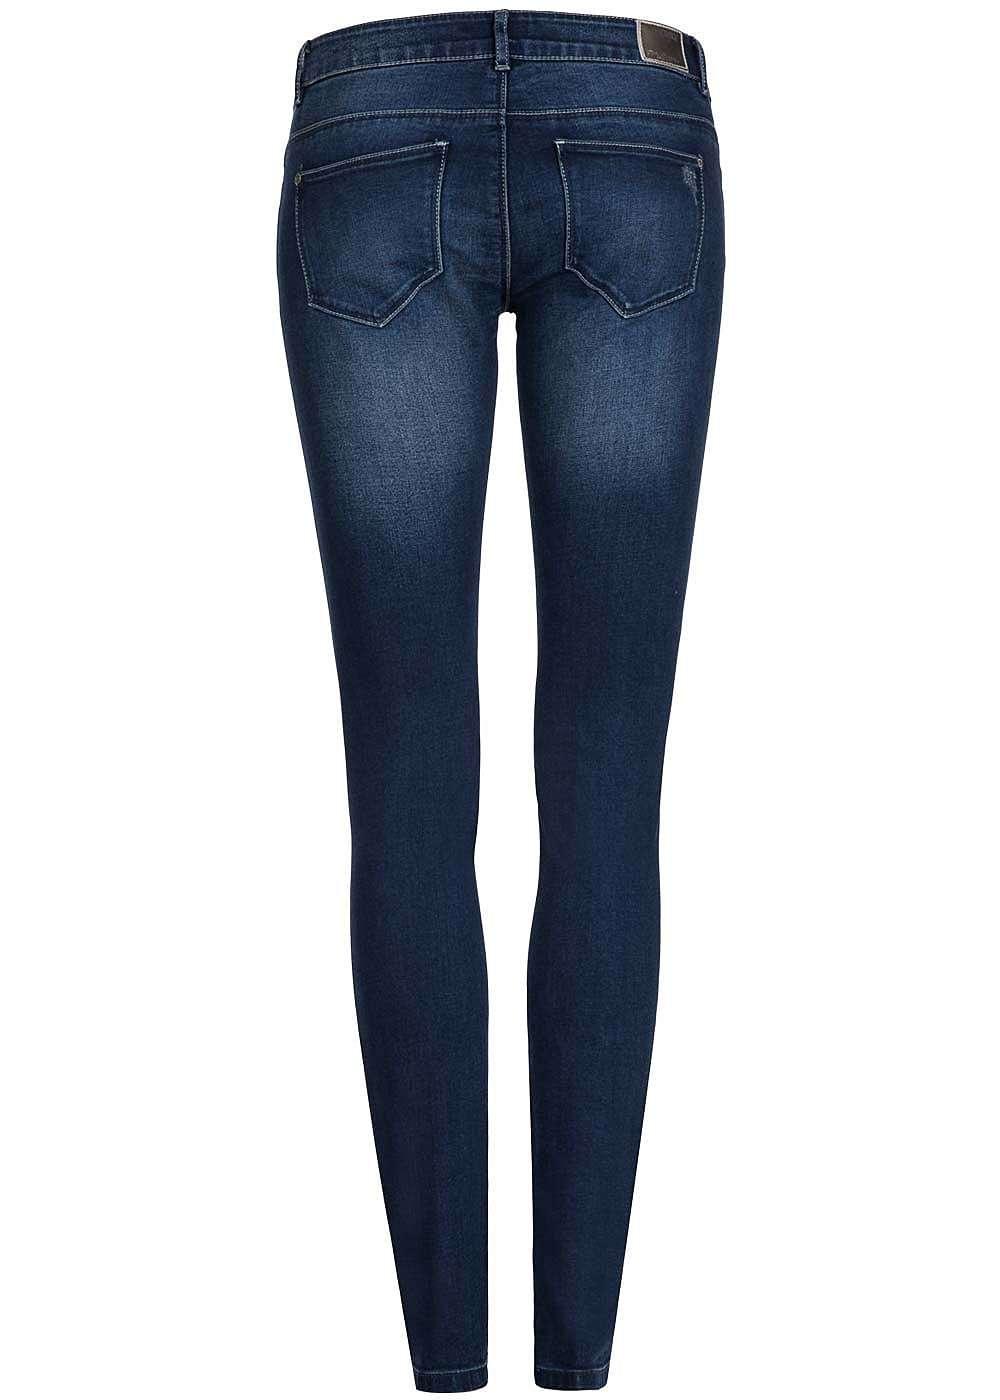 only damen skinny jeans super low waist destroy look 5. Black Bedroom Furniture Sets. Home Design Ideas